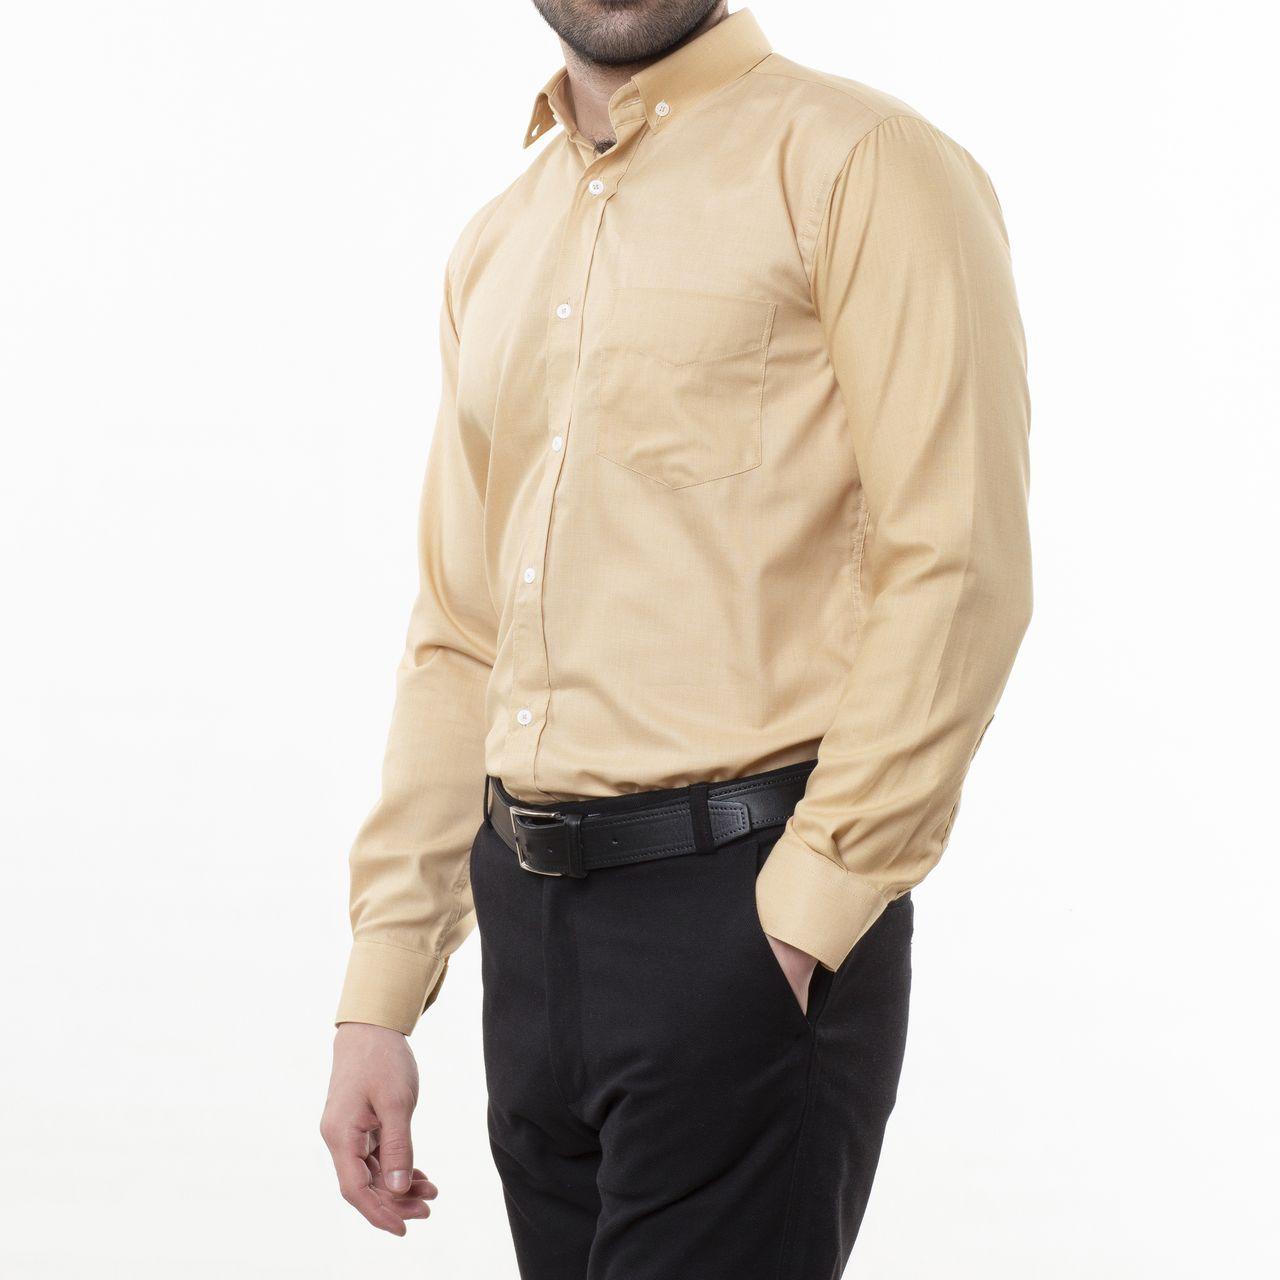 پیراهن آستین بلند مردانه زی مدل 153140506